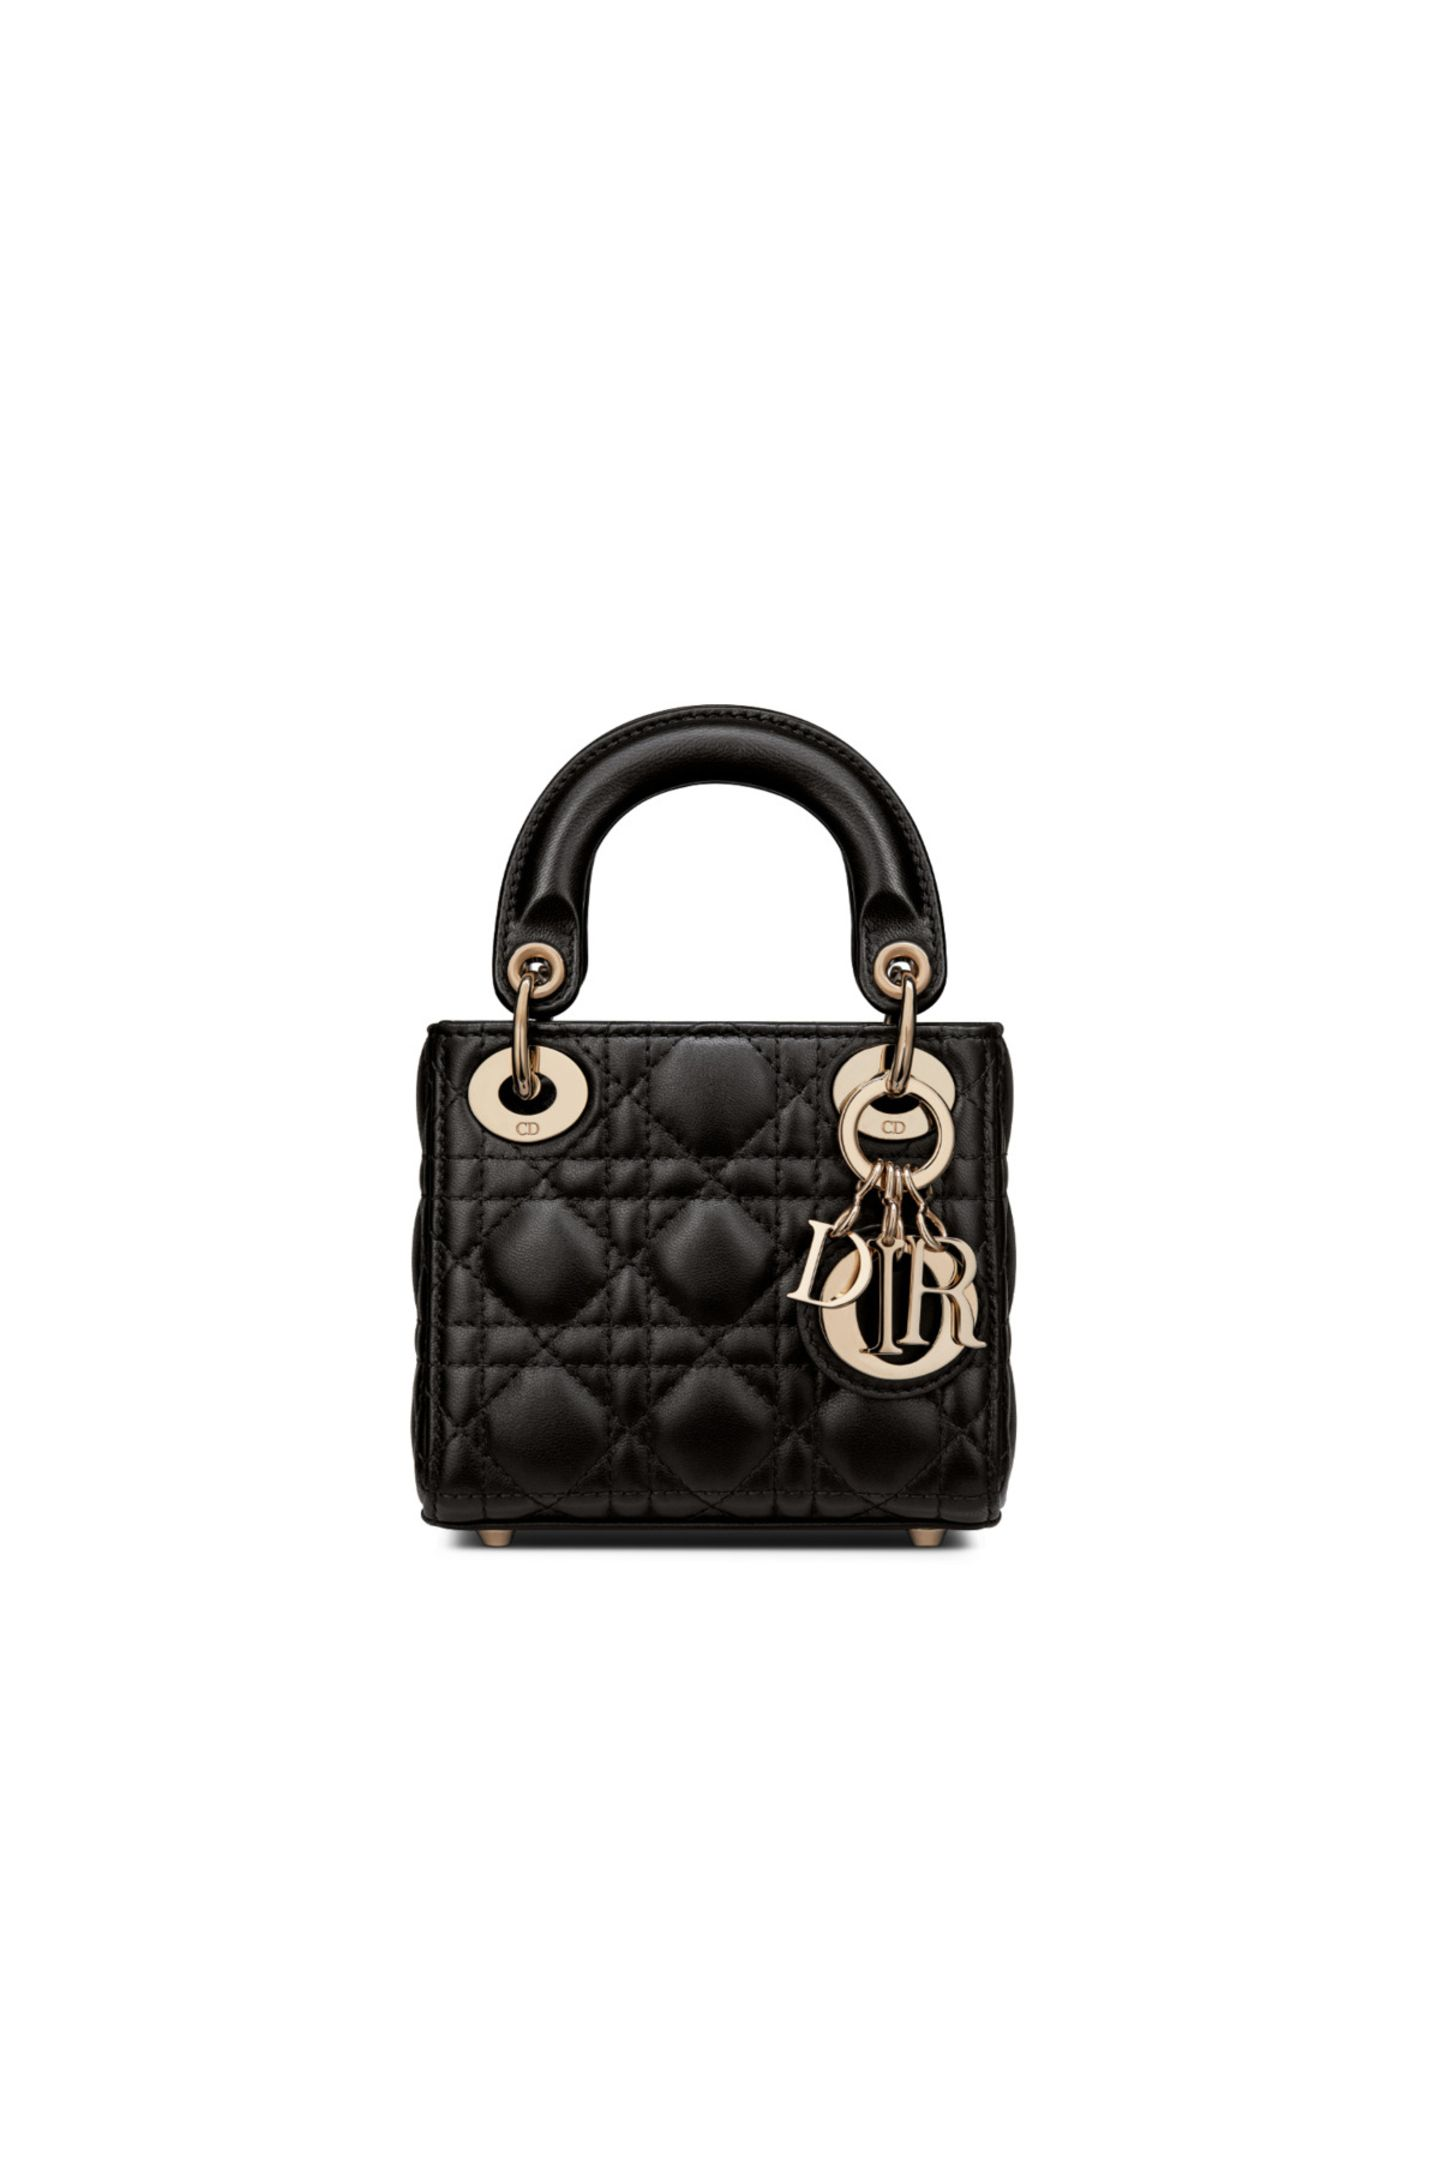 Klein, aber oho! Ikonische Taschen wie die Lady Dior aus dem Hause Dior werden in einer Reihe von Miniaturversionen neu erfunden. Wir sind ganz verzaubert von den Klassikern im Mini-Format, die es sowohl in klassischen Farbtönen, als auch in sanften Pastelltönen gibt. Lady Dior Mirco Tasche, ca. 2.600 Euro.